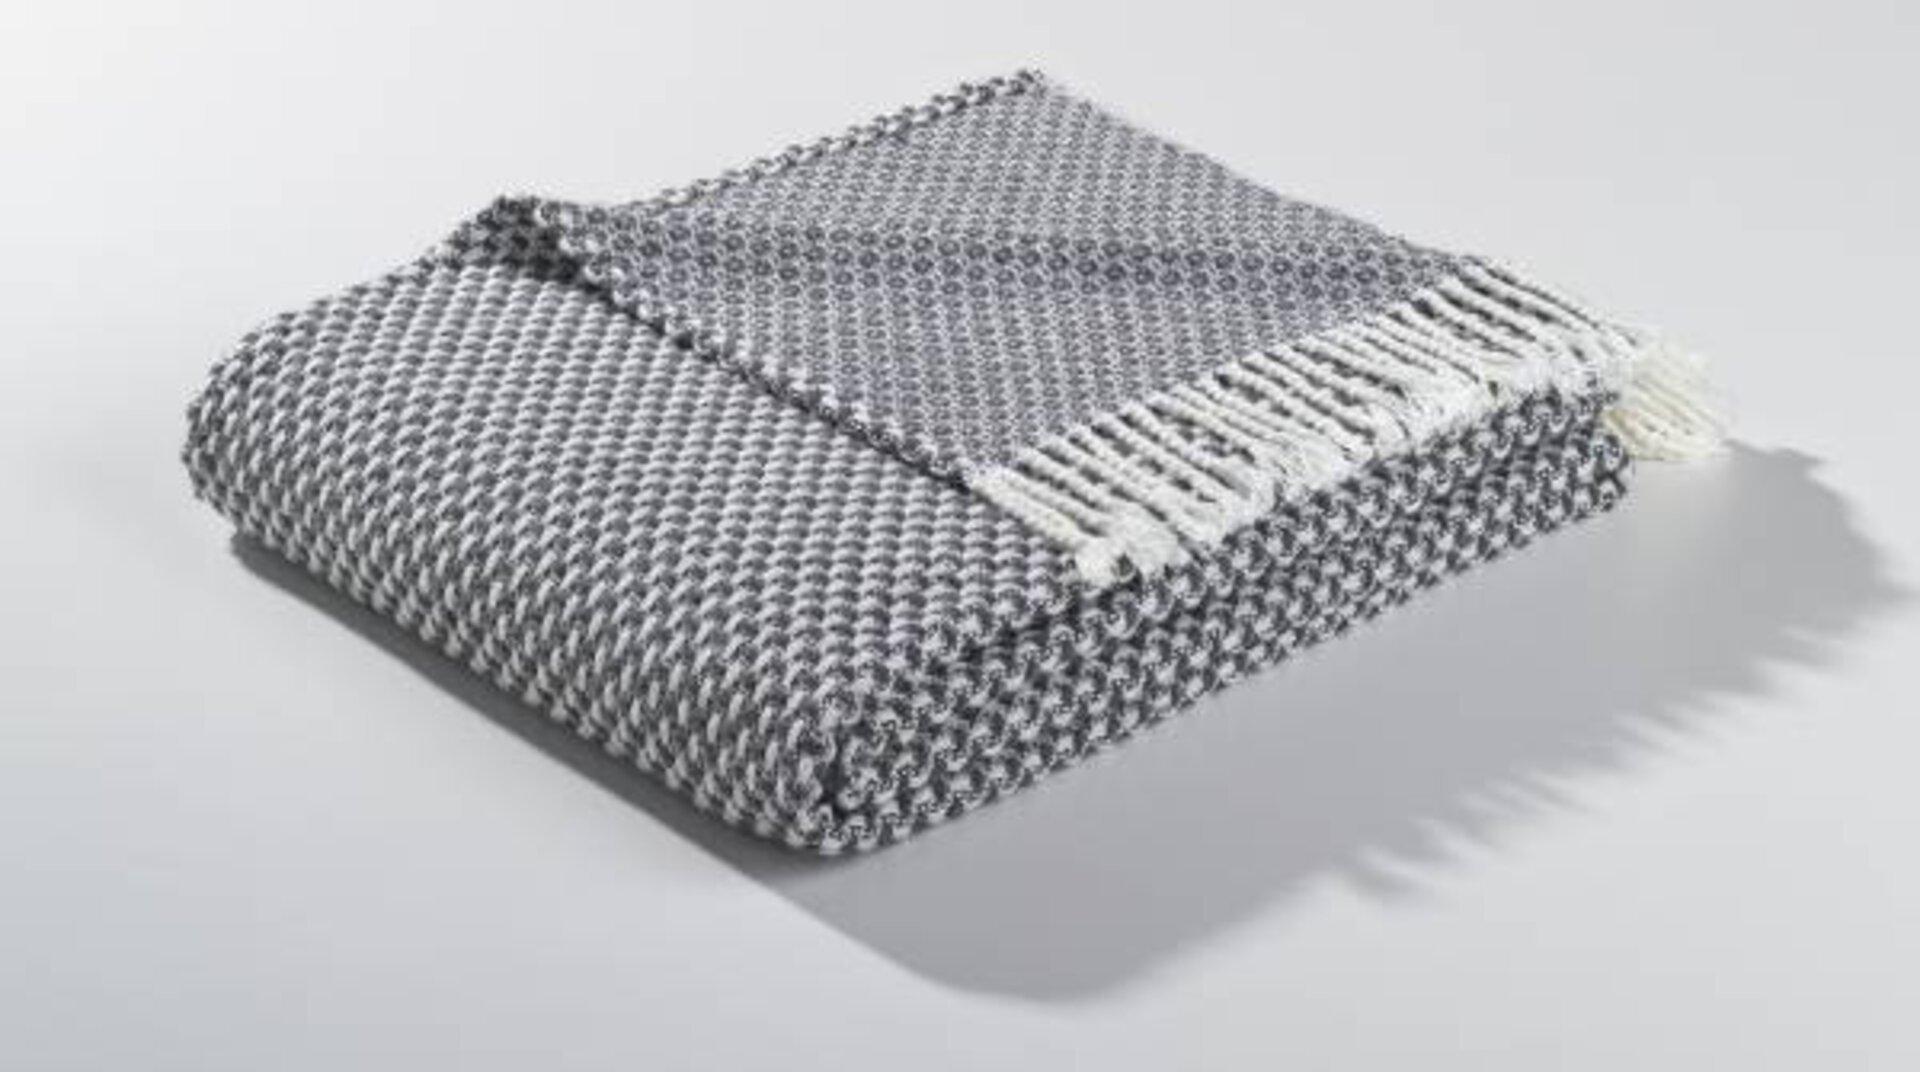 Strickdecke Strickdecke mit Fransen MONDO Textil 150 x 200 cm